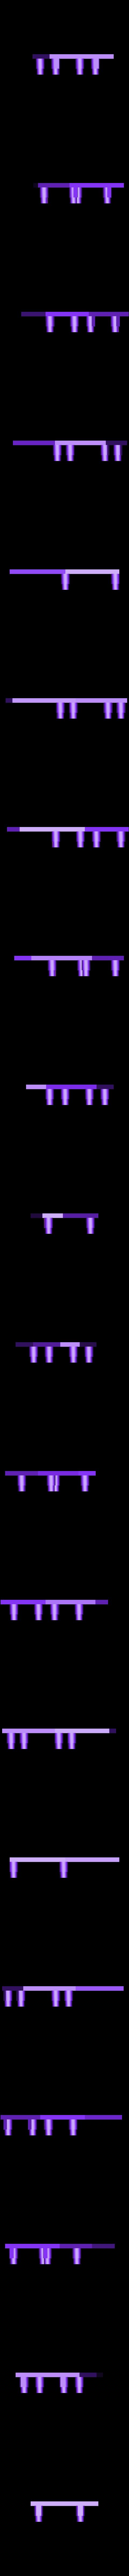 tas_C4_B1y_C4_B1c_C4_B1_kol2.STL Télécharger fichier STL gratuit Rooter CNC simple • Plan pour imprimante 3D, TheTNR